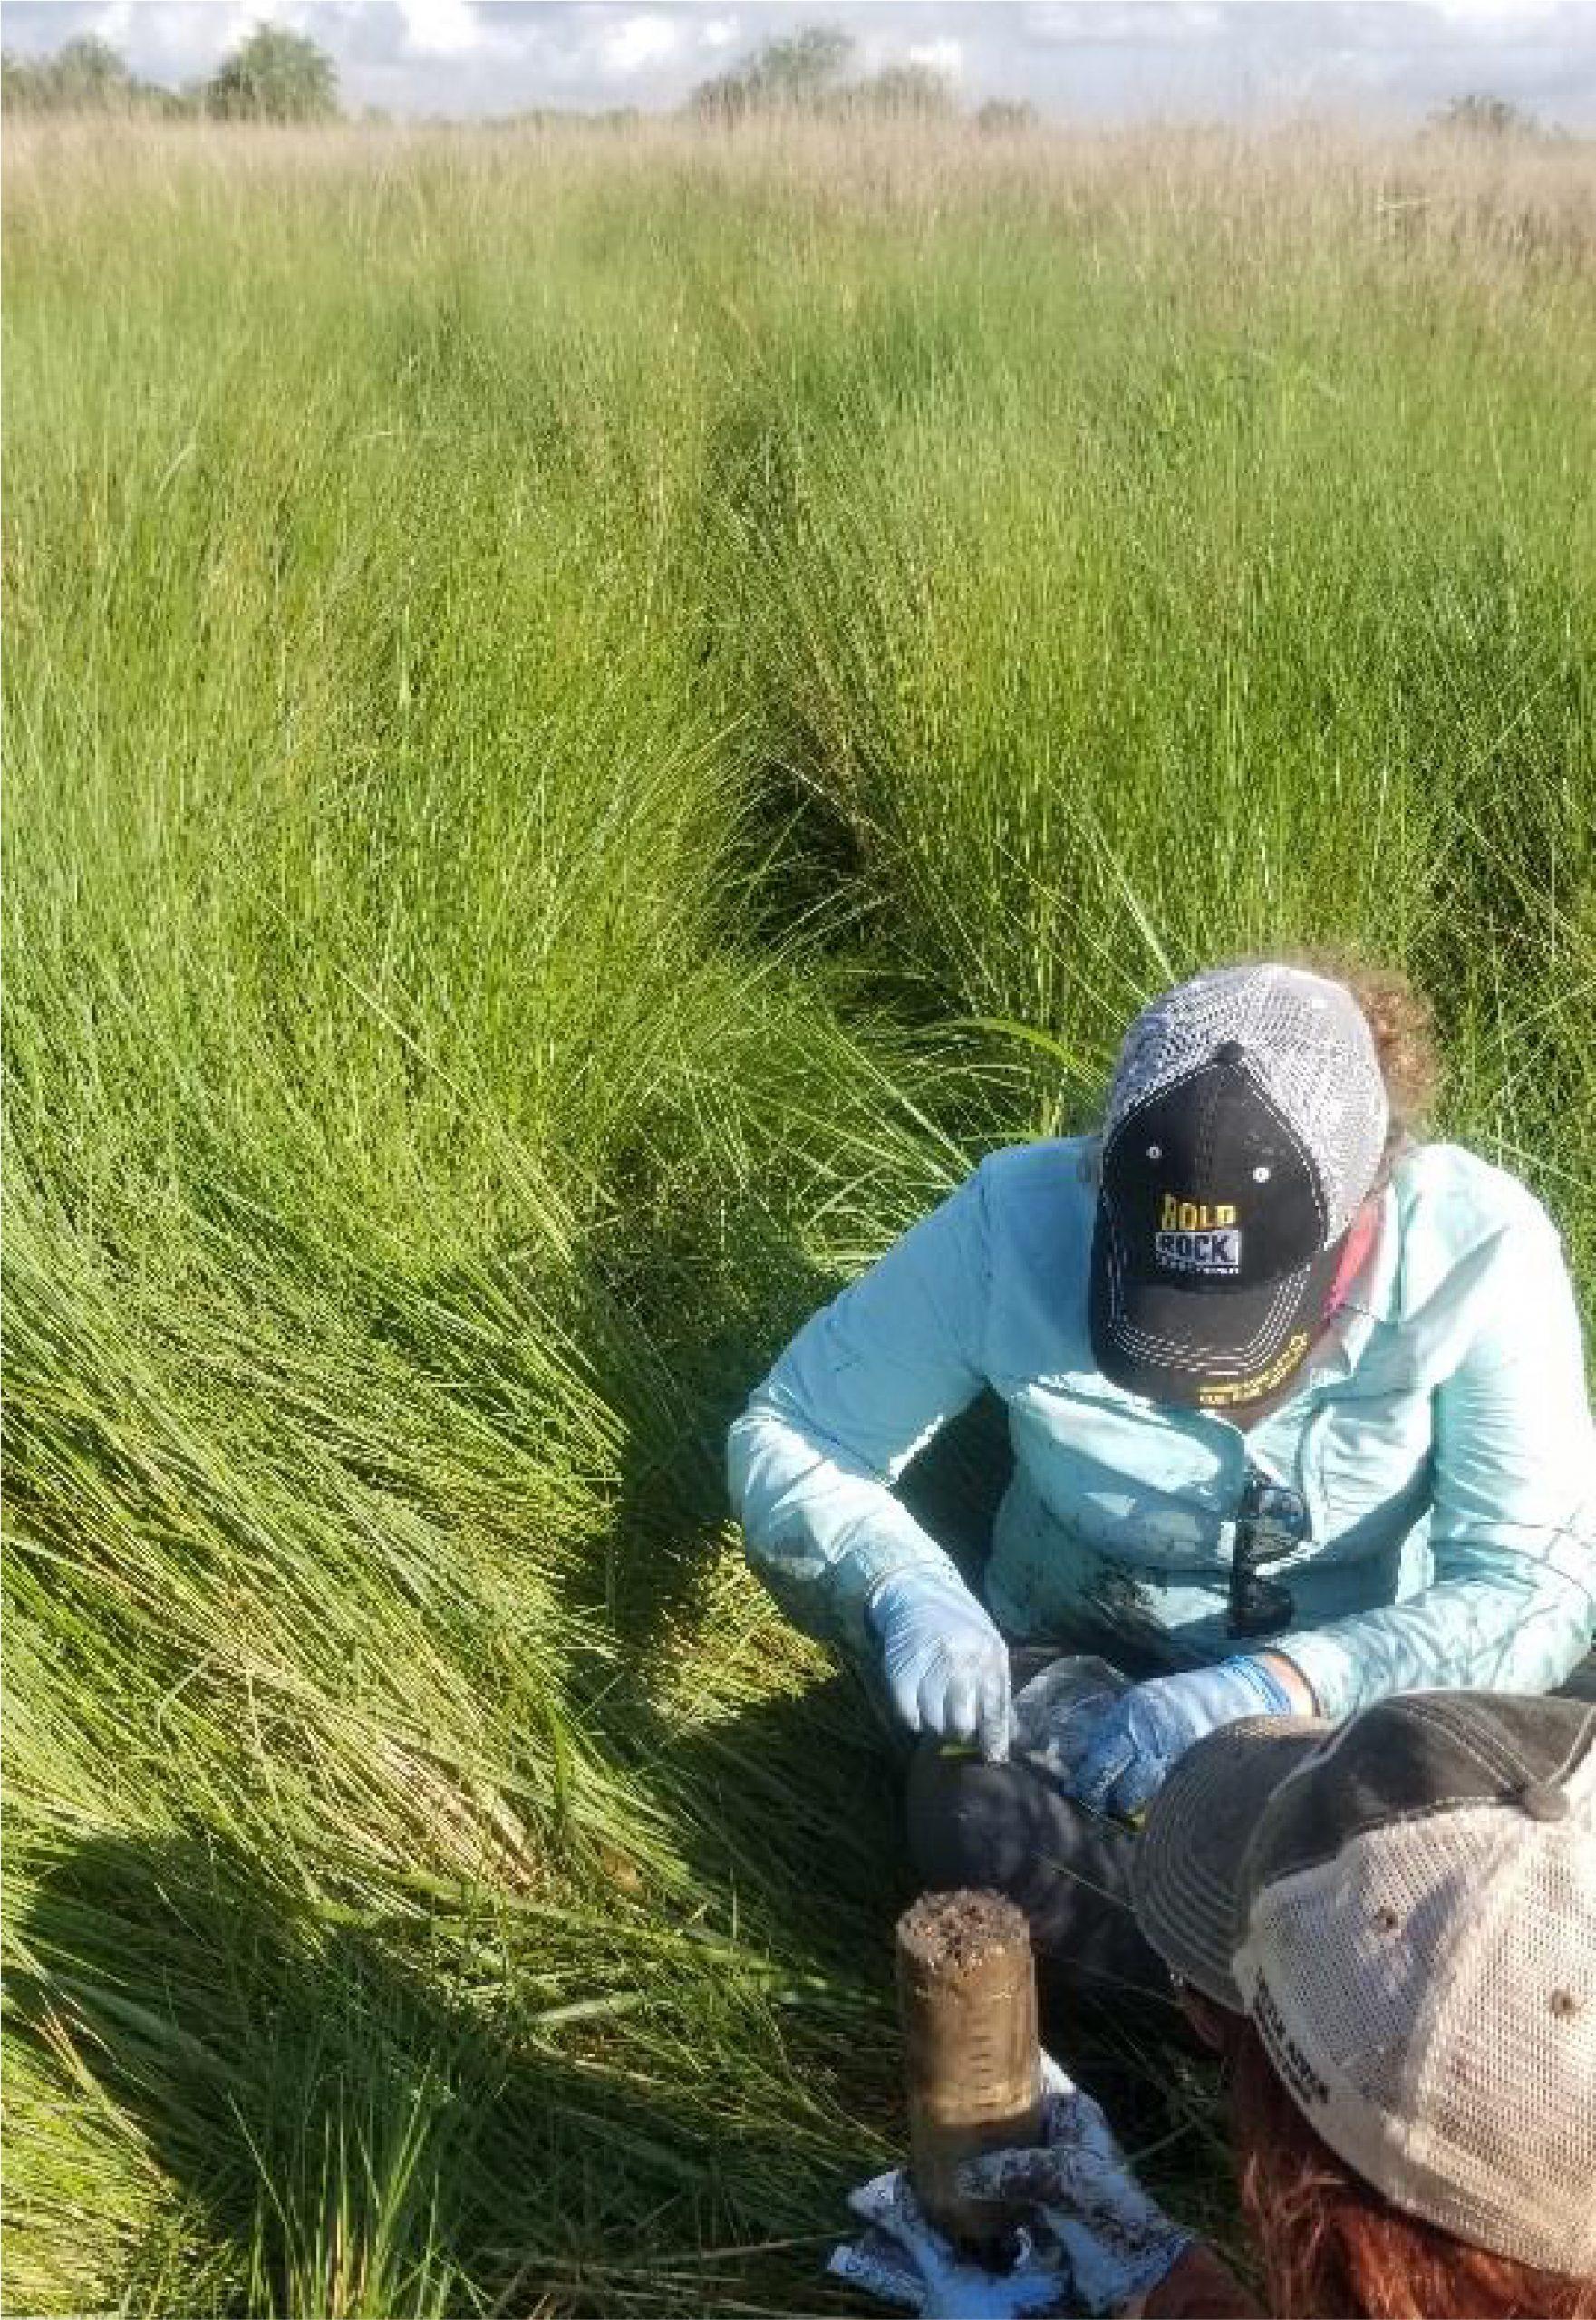 Sampling soil from the lush vegetation on a natural marsh. Credit: Annette Engel